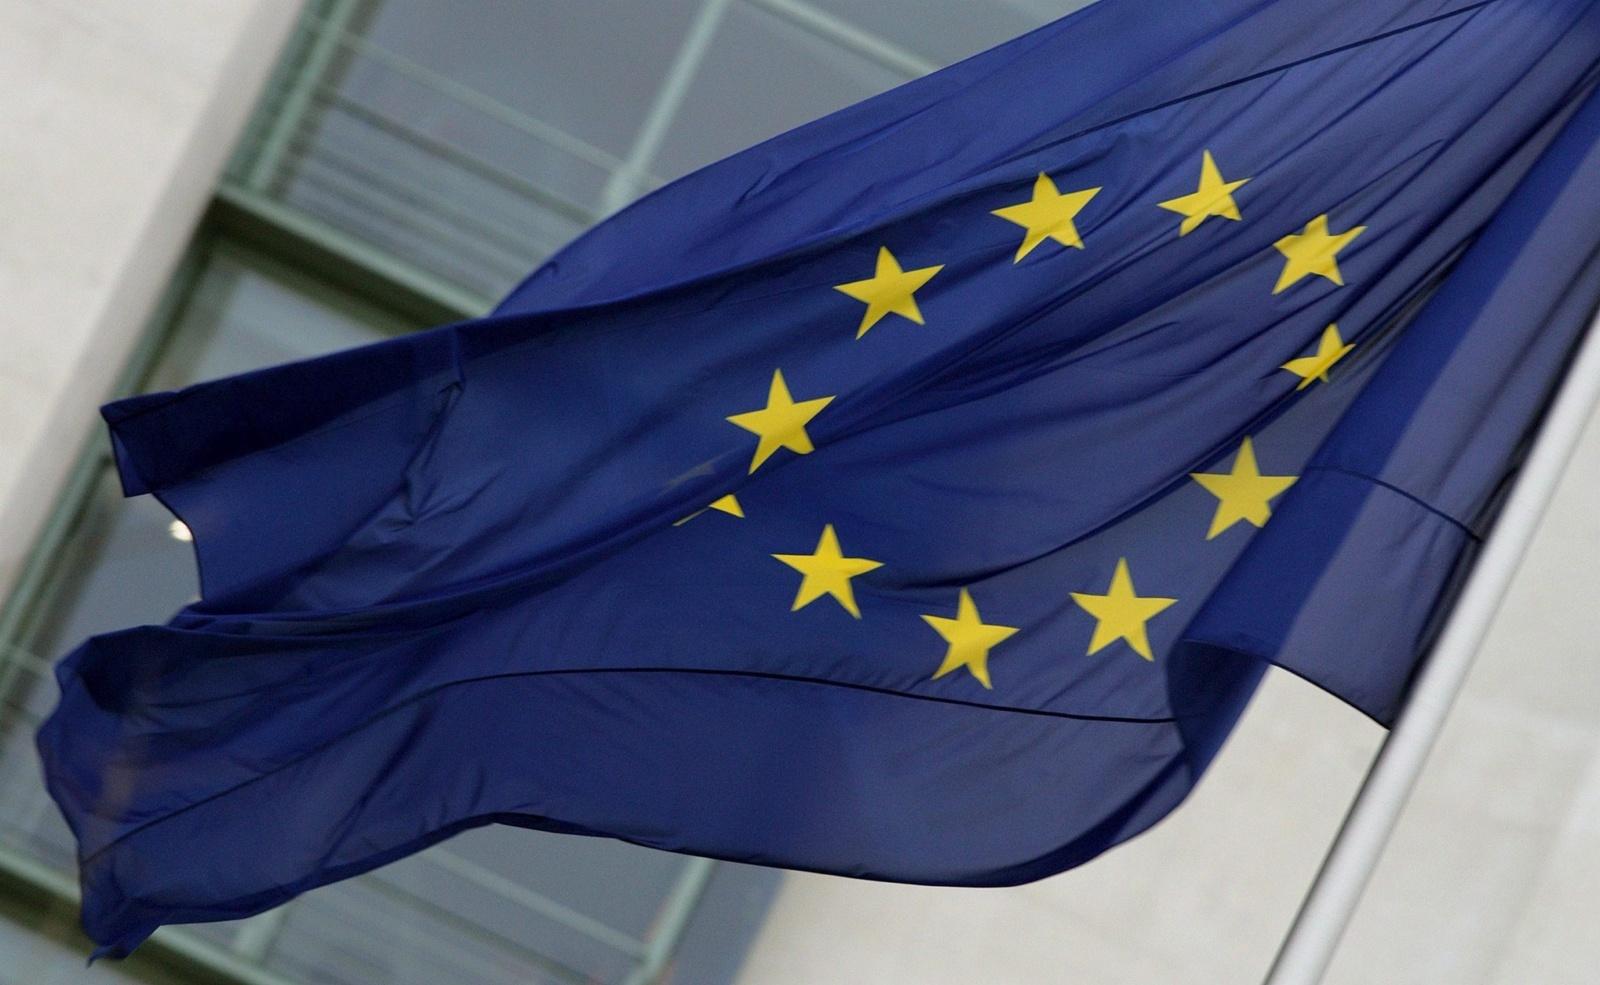 ES nusprendė imtis sankcijų prieš keturis Rusijos pareigūnus